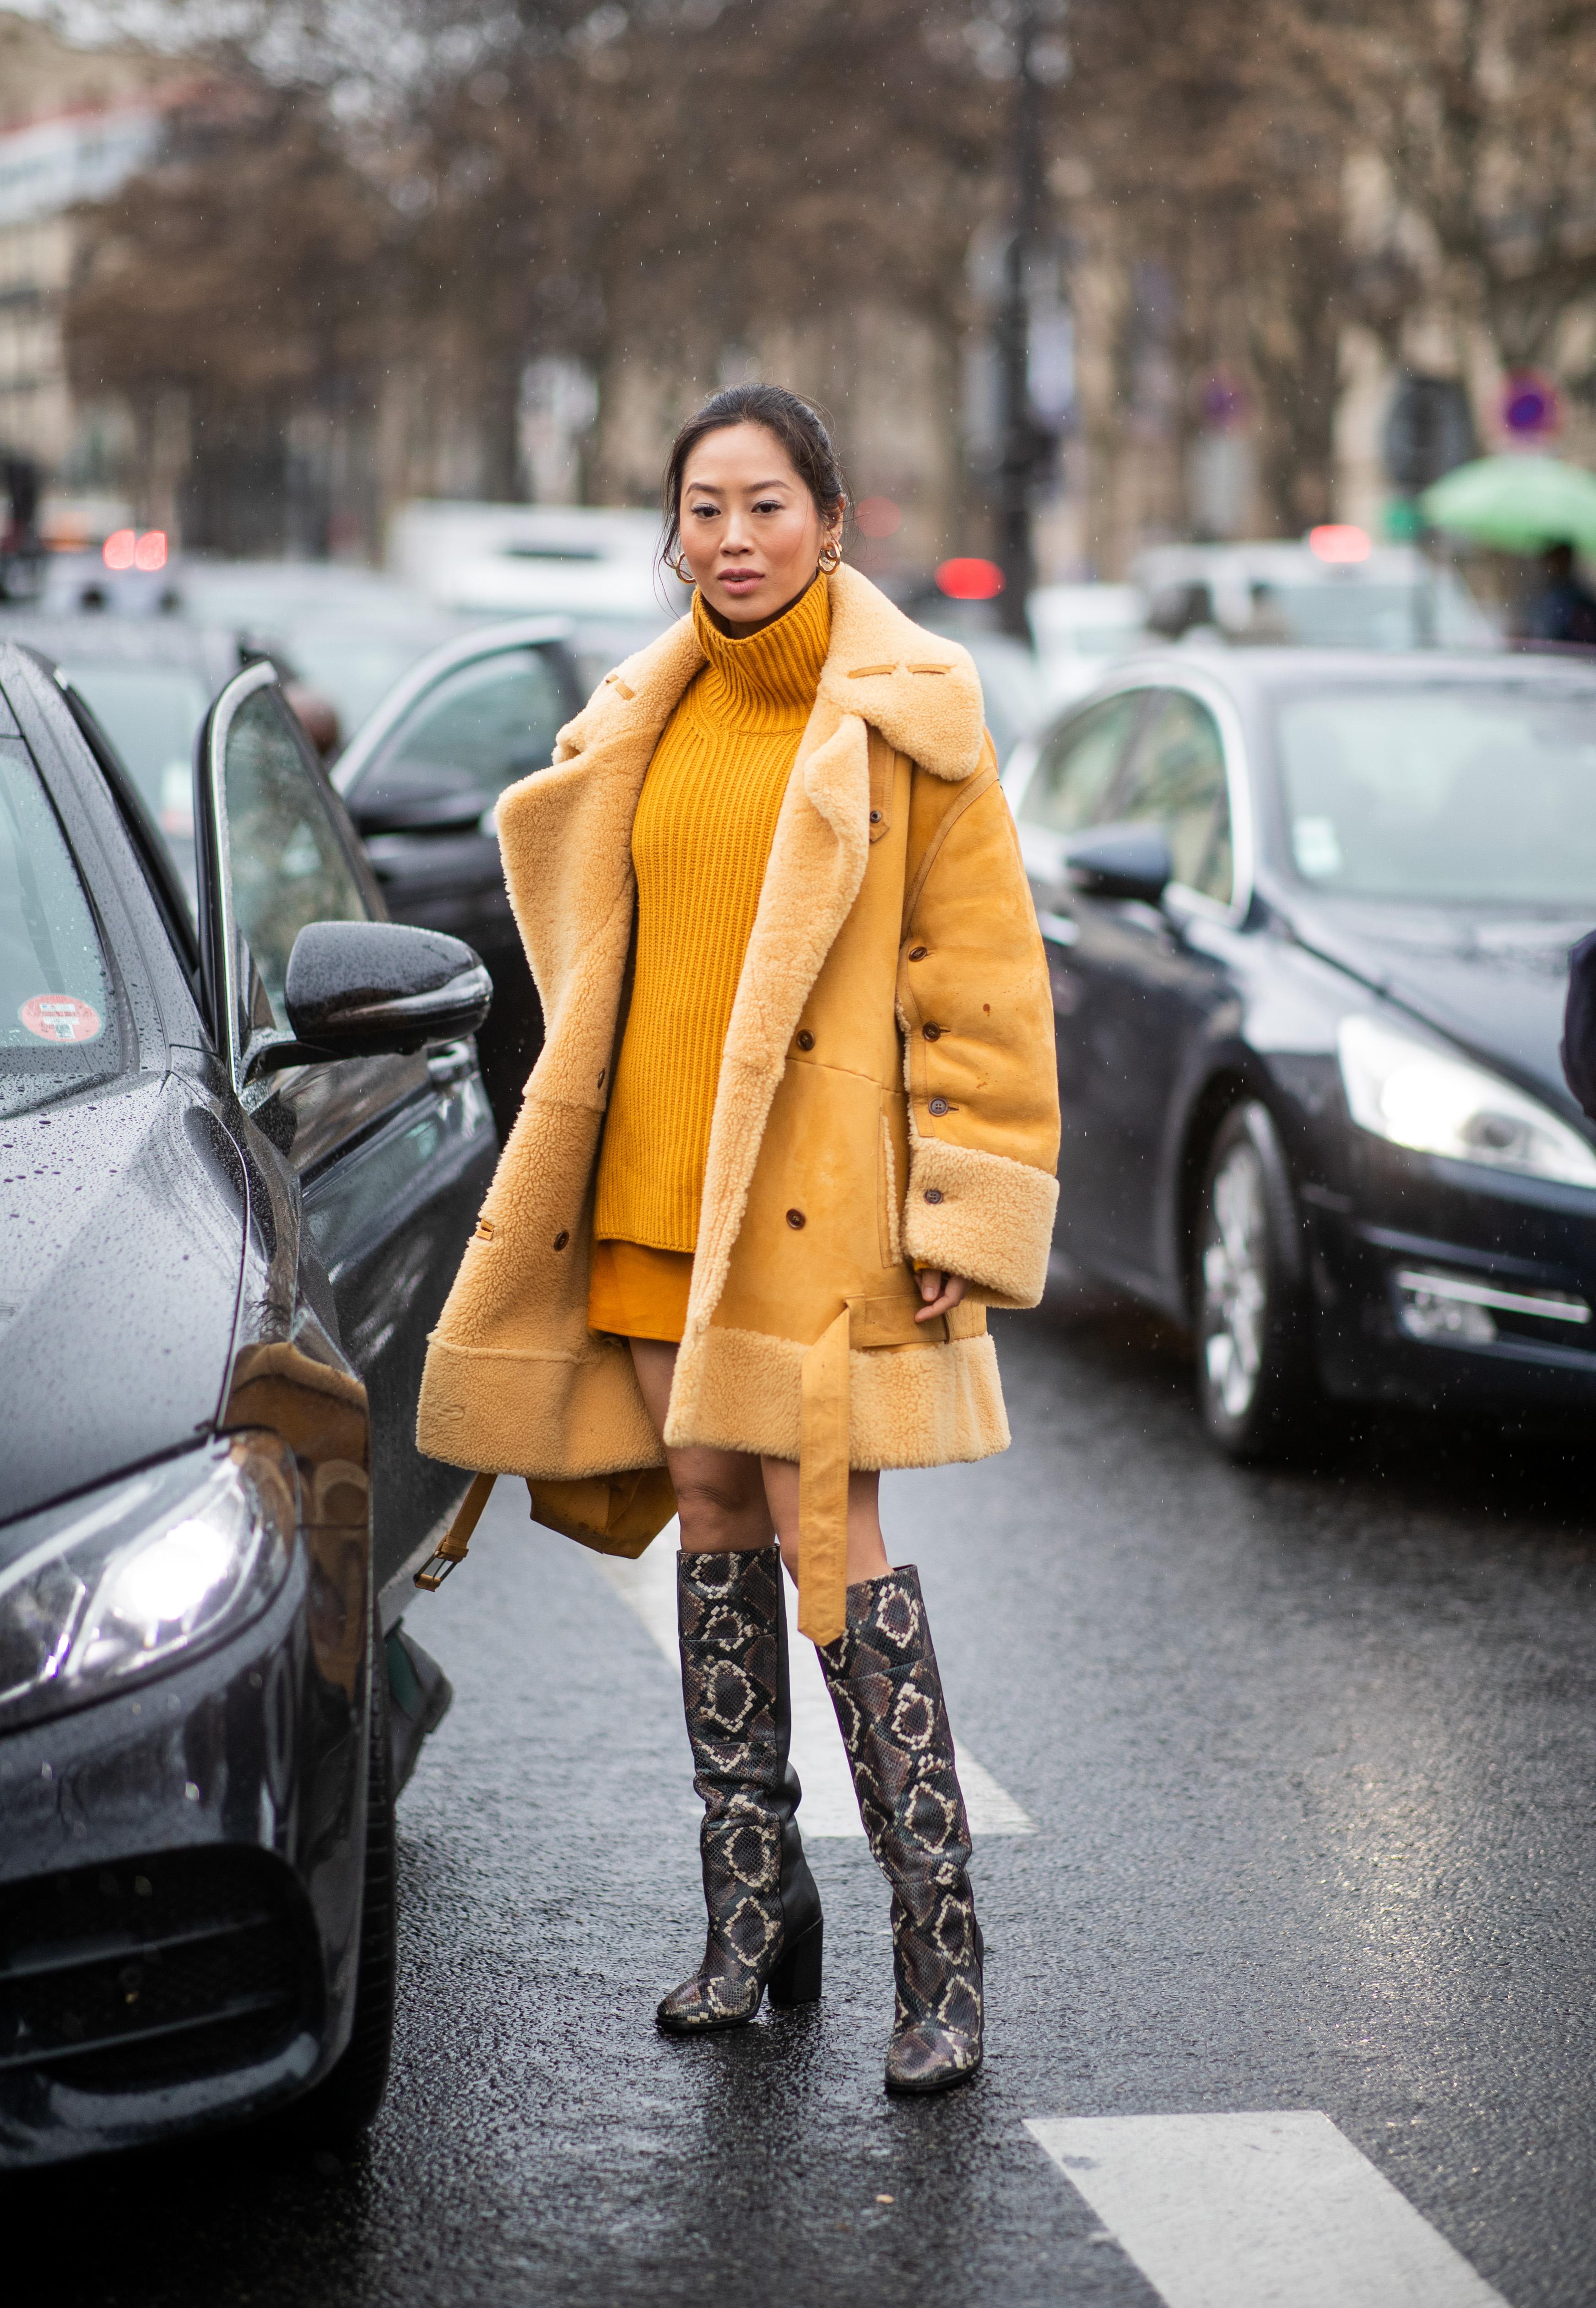 イエローのセイムカラーのコーディネイトが目を引く。コートはベージュっぽいトーンだから大人っぽい雰囲気も加わる。足元にはアニマル柄のロングブーツをインして、ボリュームあるコートとバランスを整えて。